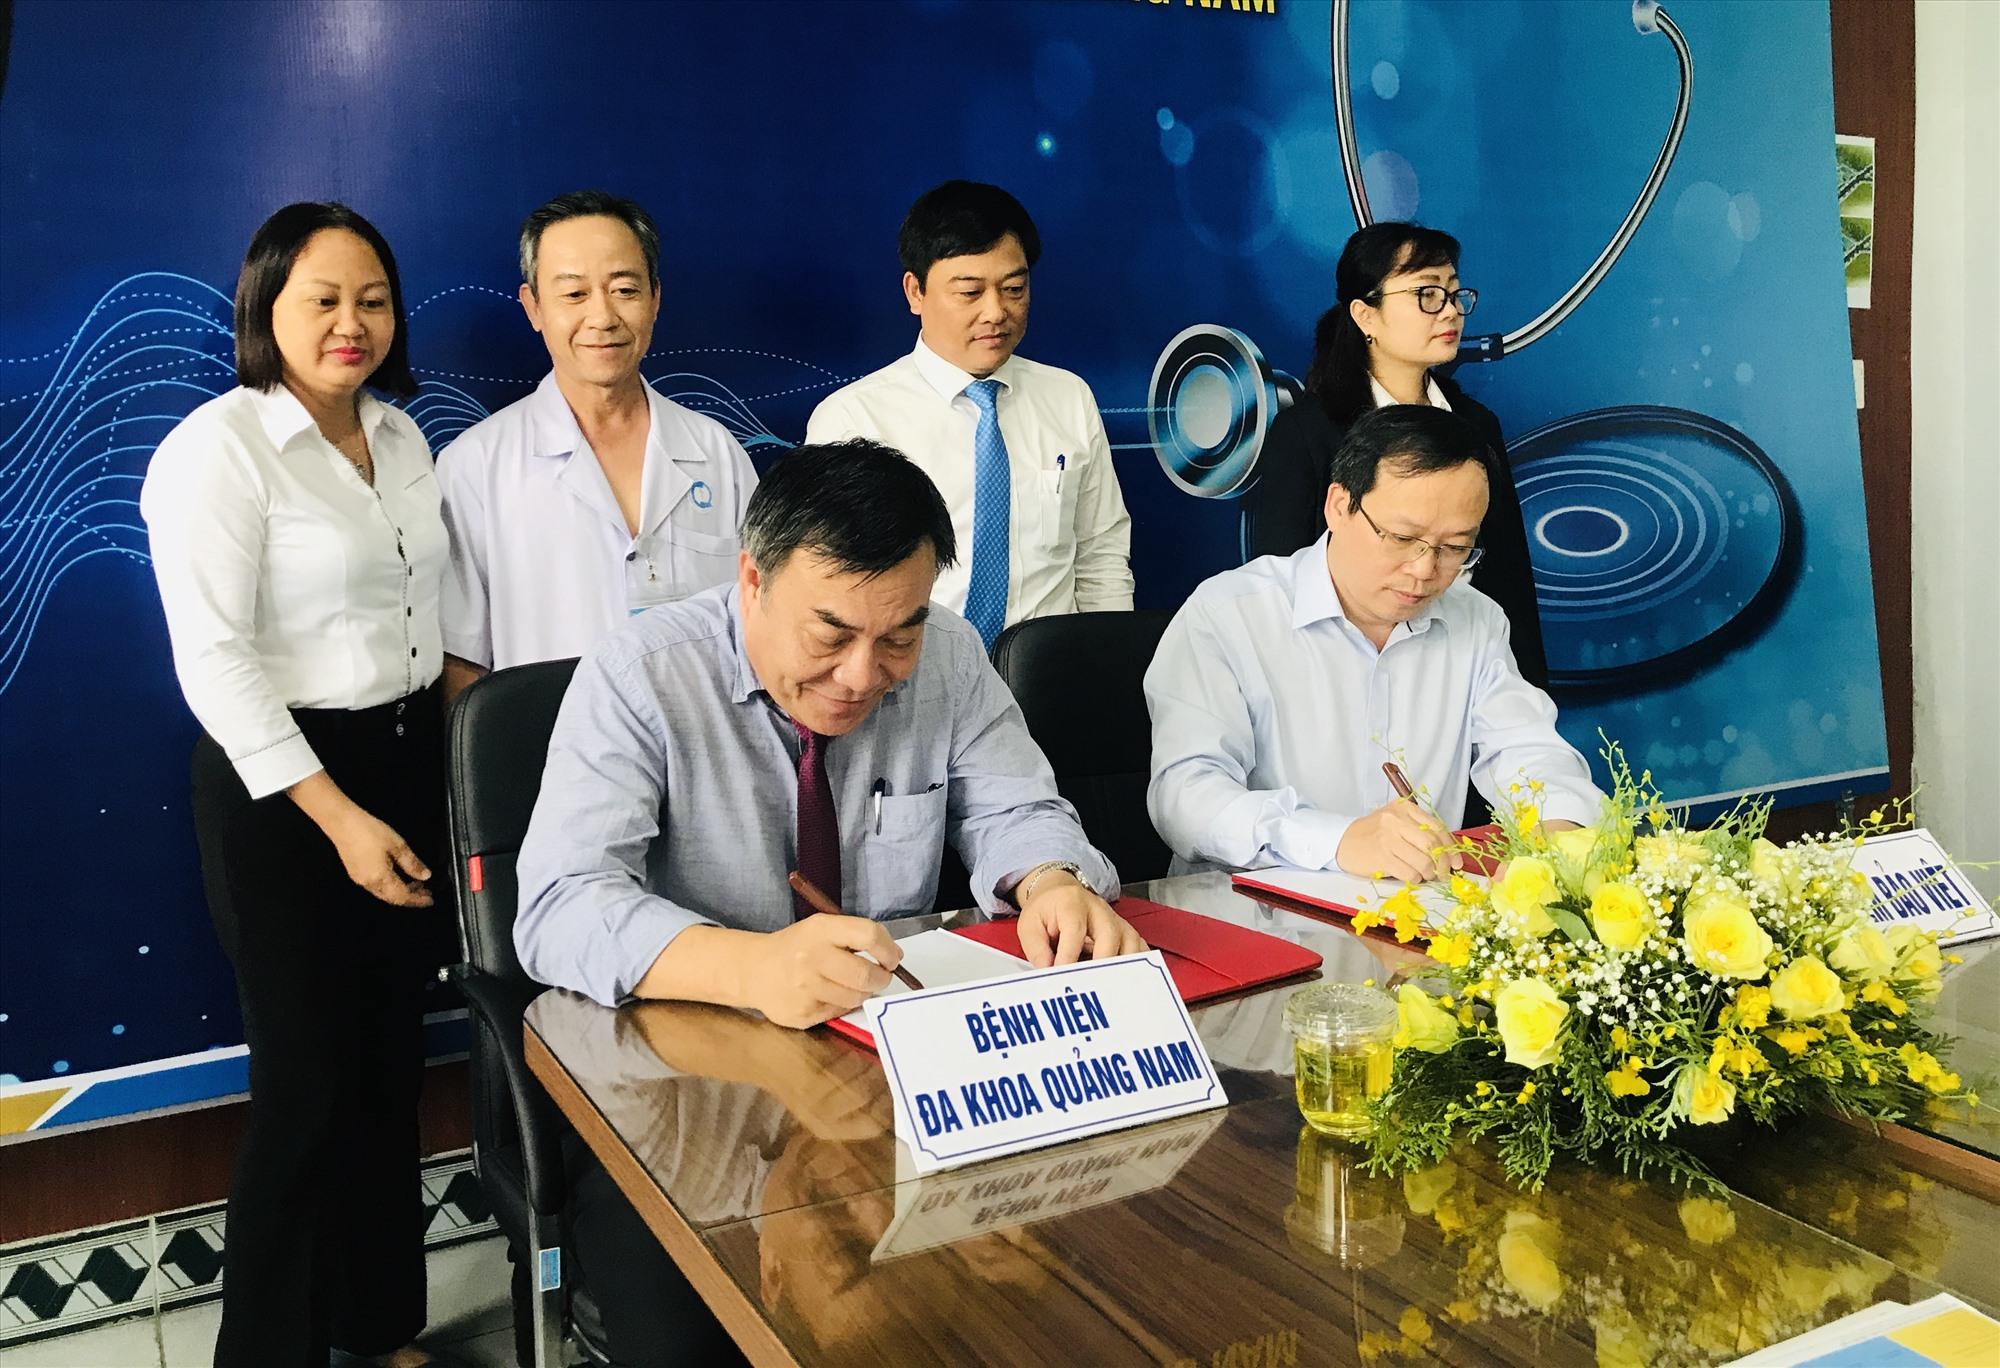 Tổng Công ty Bảo hiểm Bảo Việt và Bệnh viện Đa khoa Quảng Nam ký kết hợp tác bảo lãnh viện phí. Ảnh: C.N